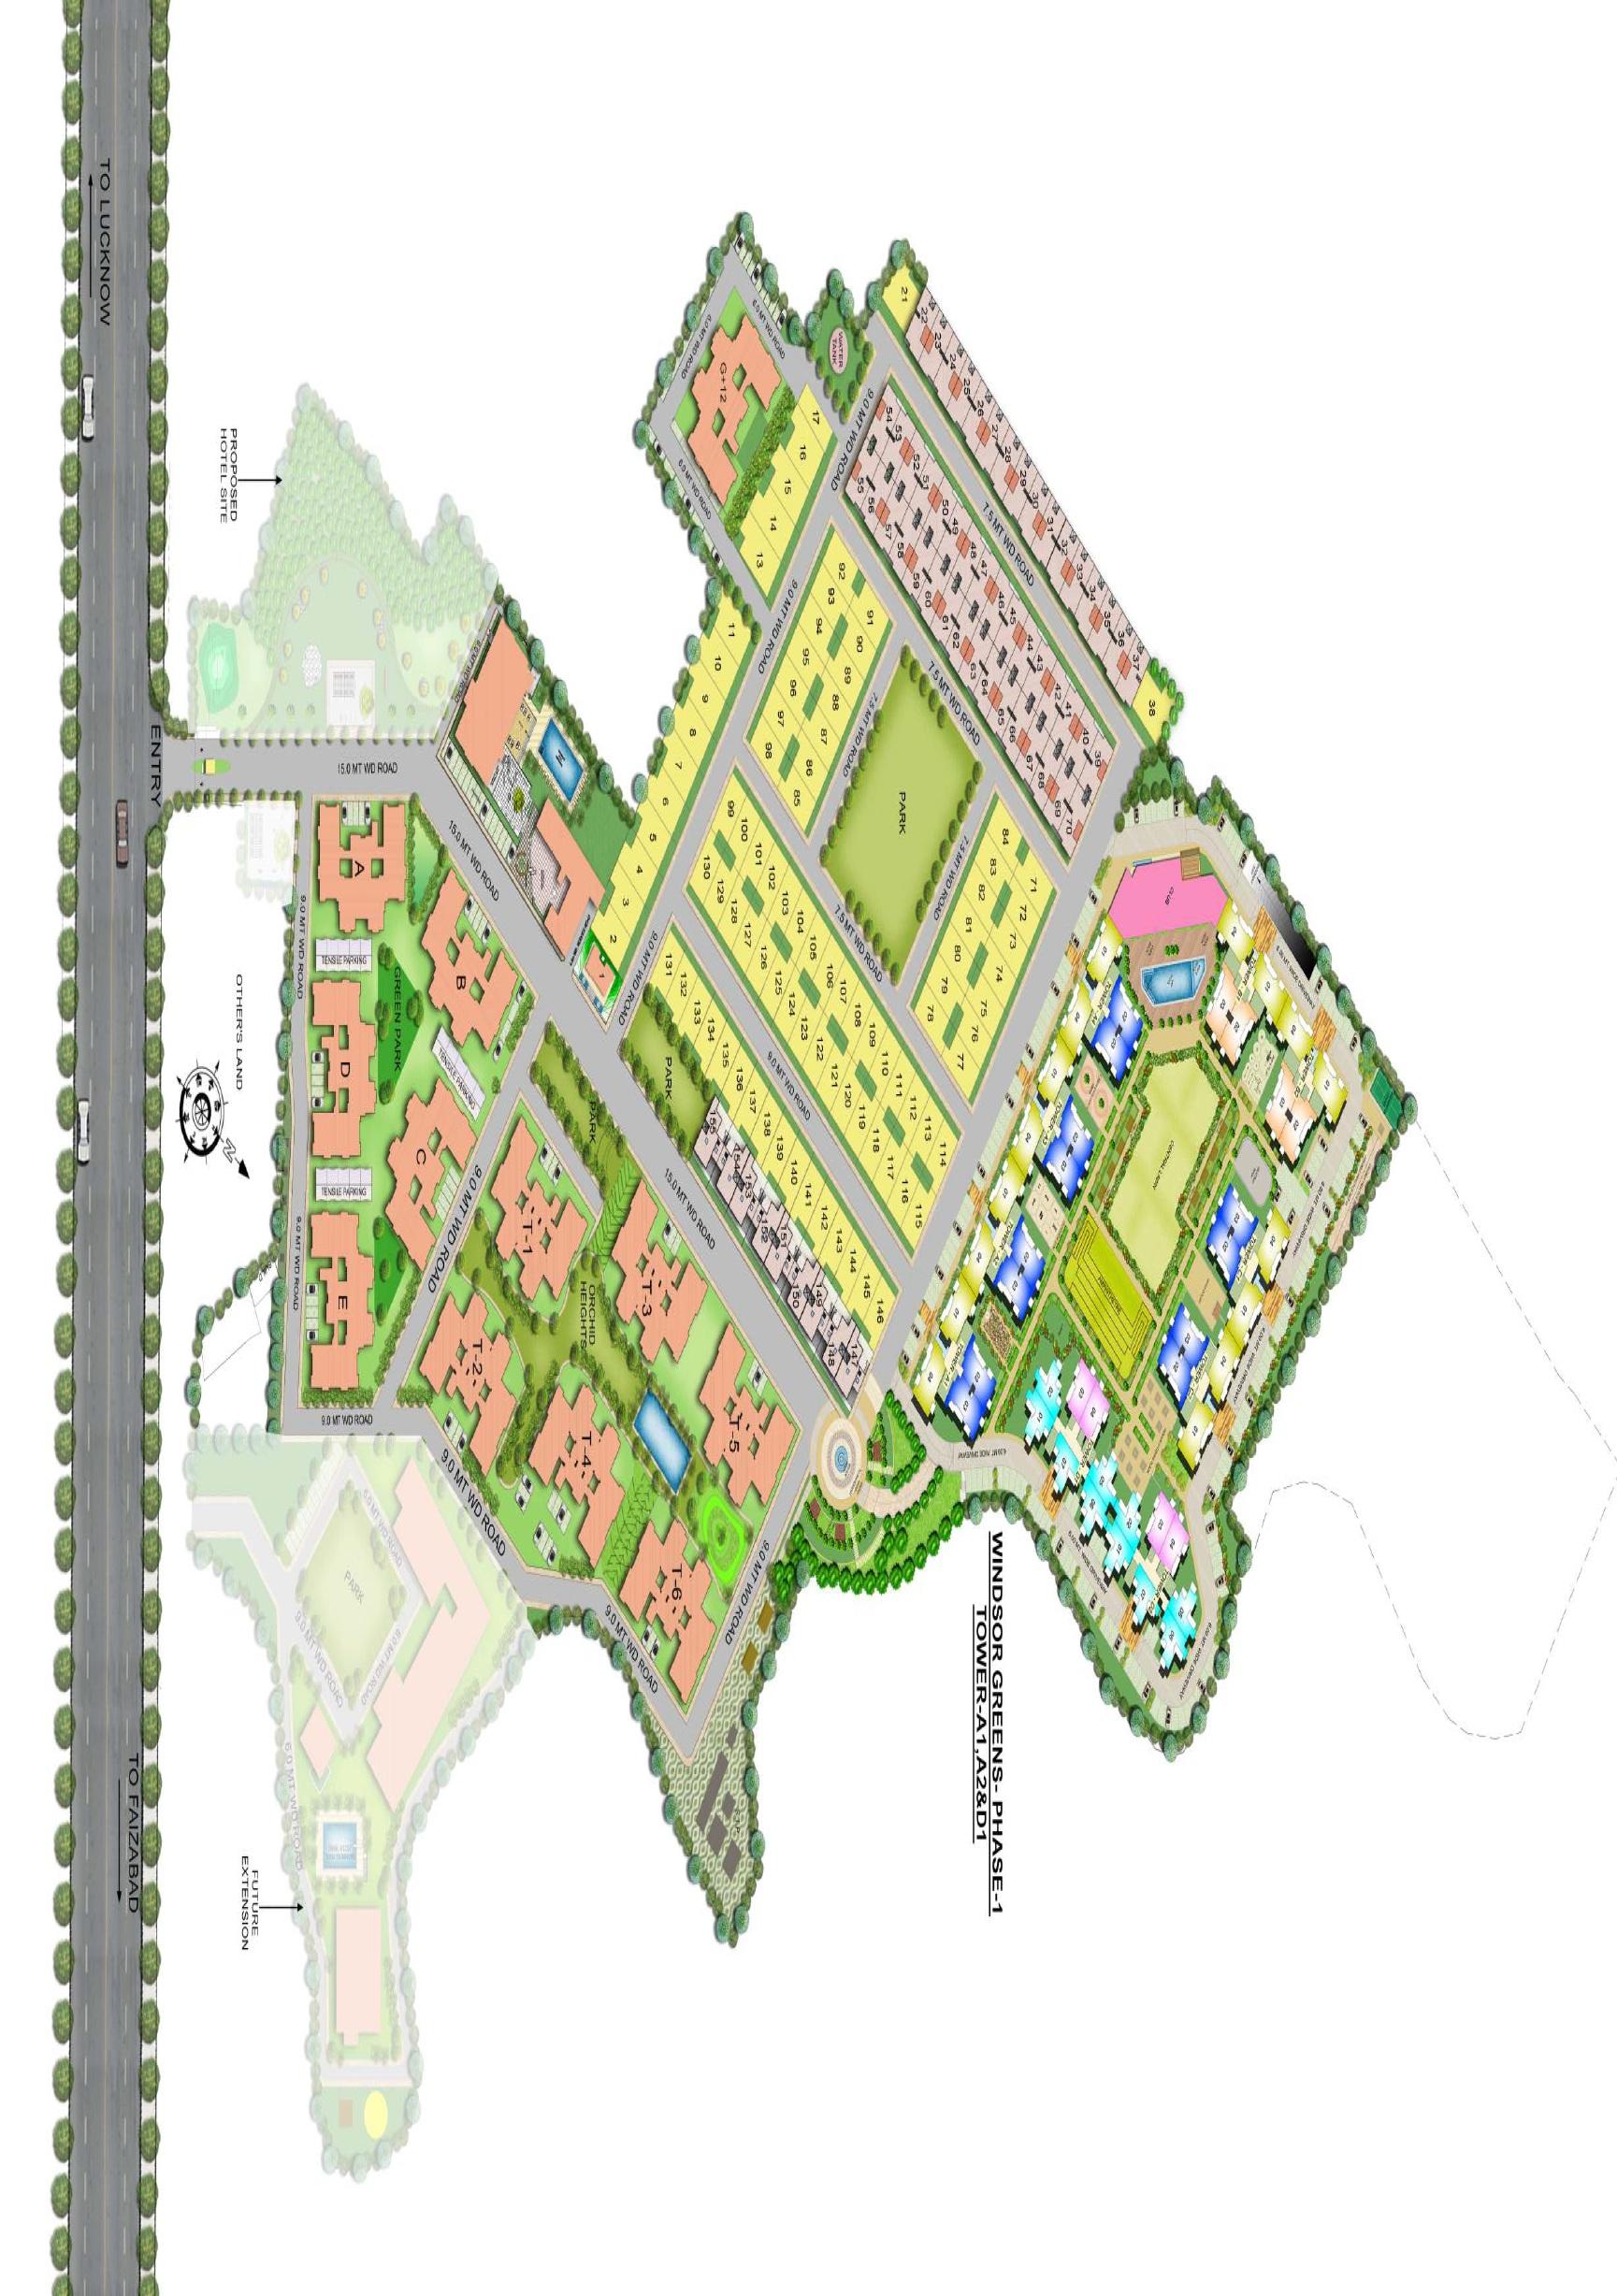 omega windsor greens master plan image5